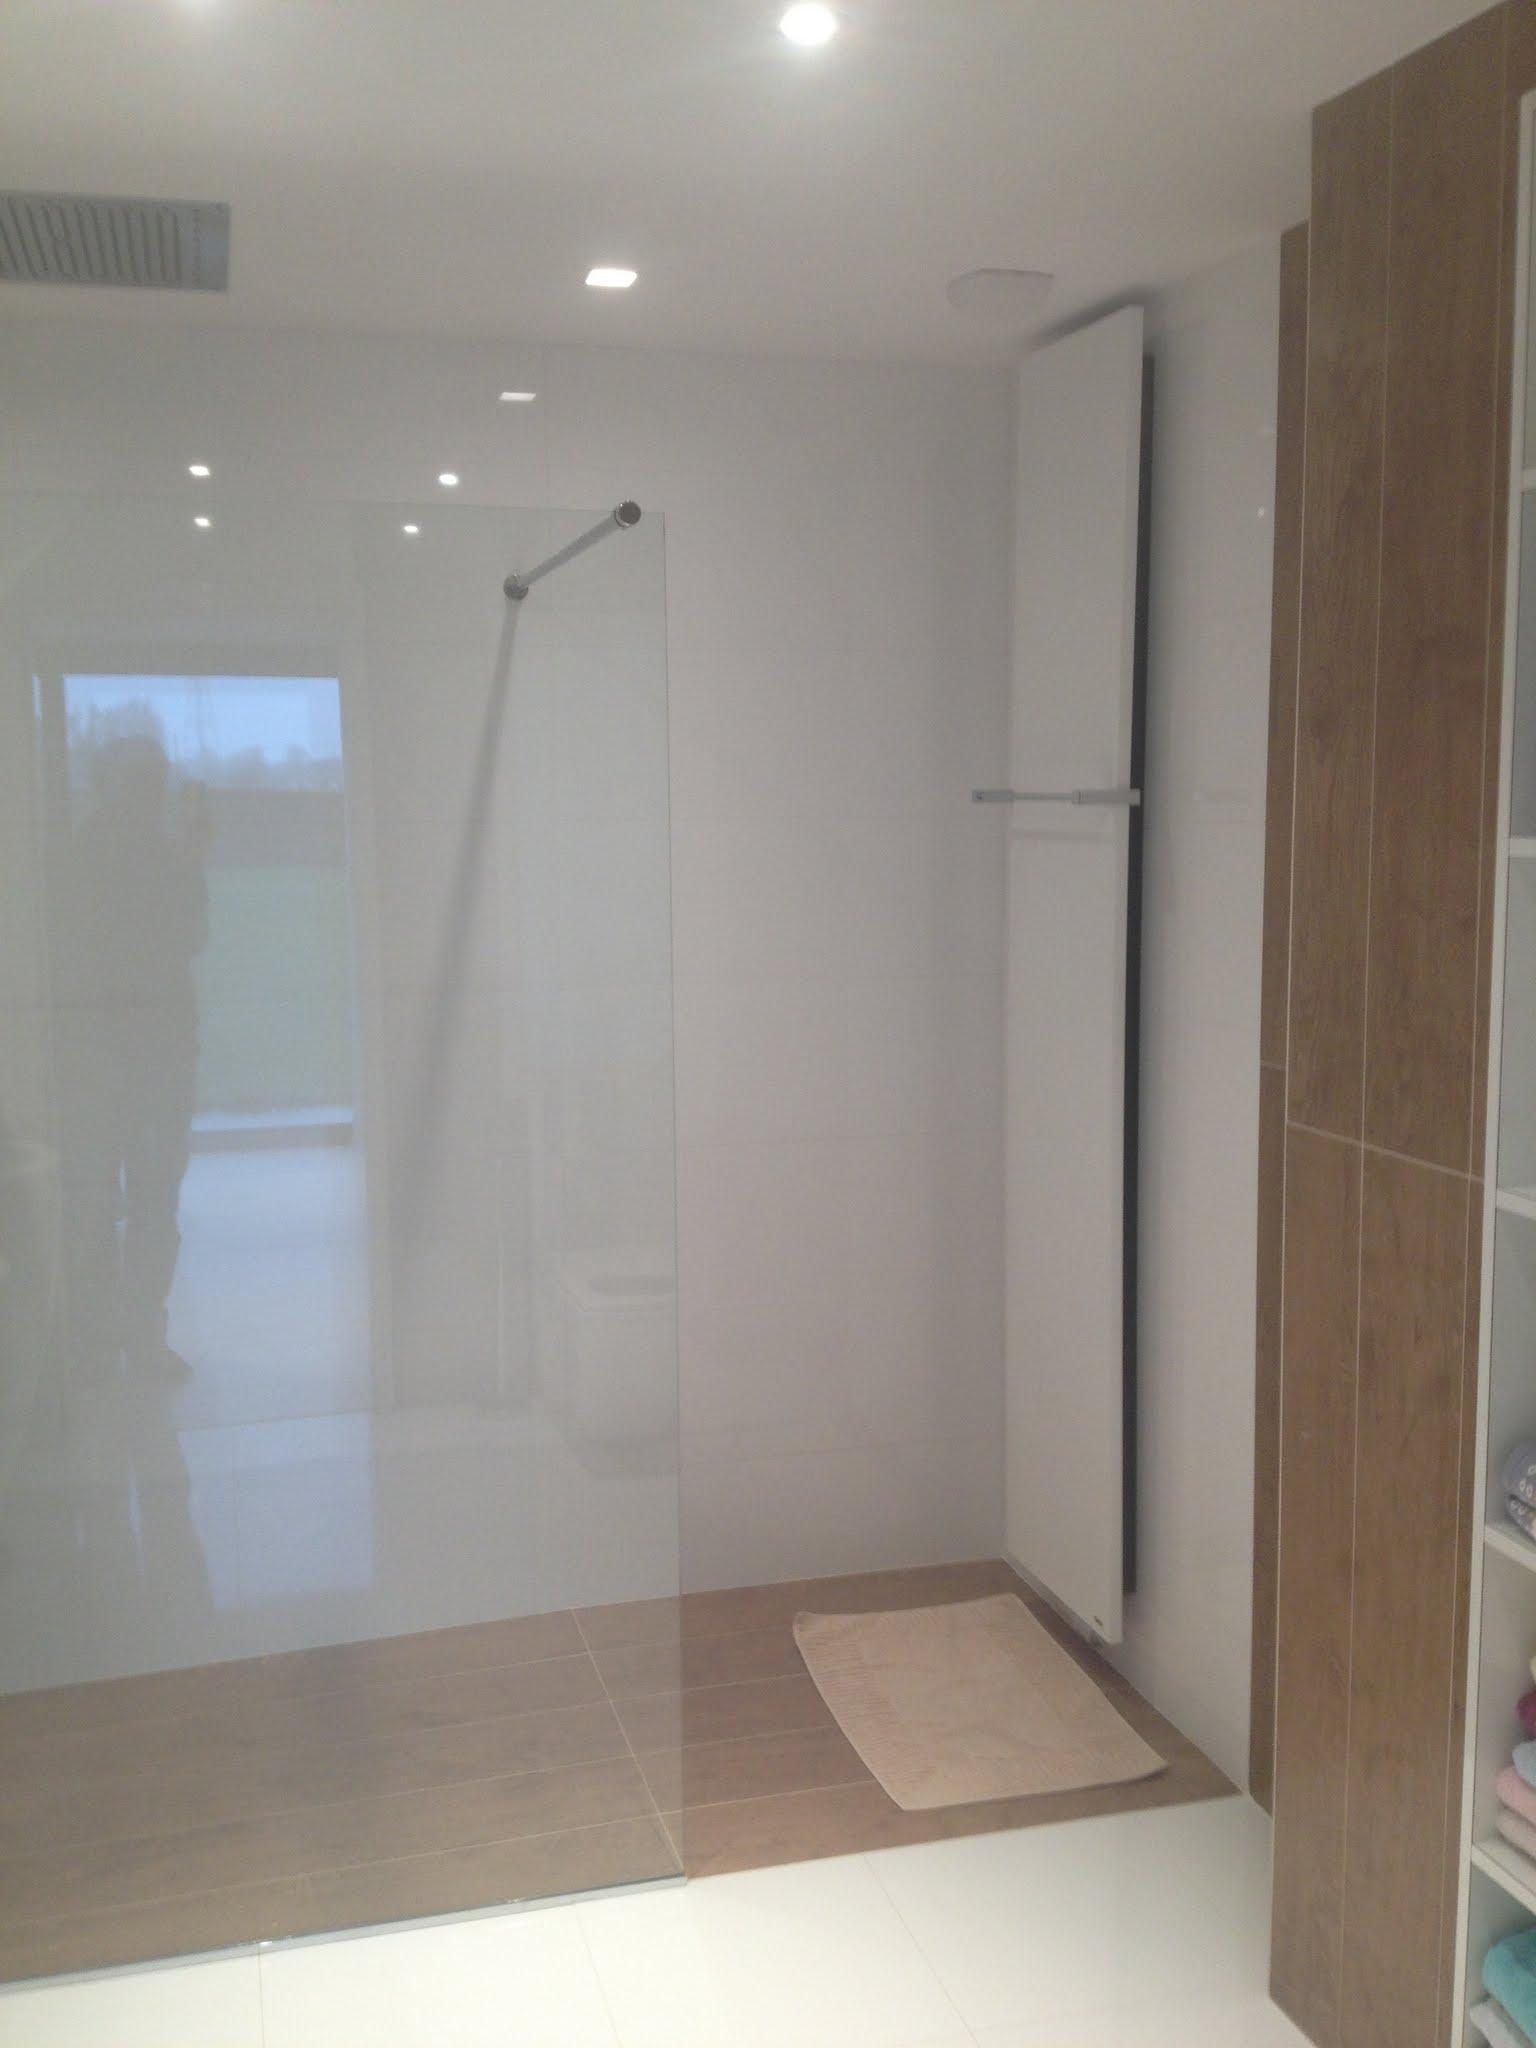 R alisation d 39 une salle de bain avec carrelage aspect bois for Realisation salle de bain italienne